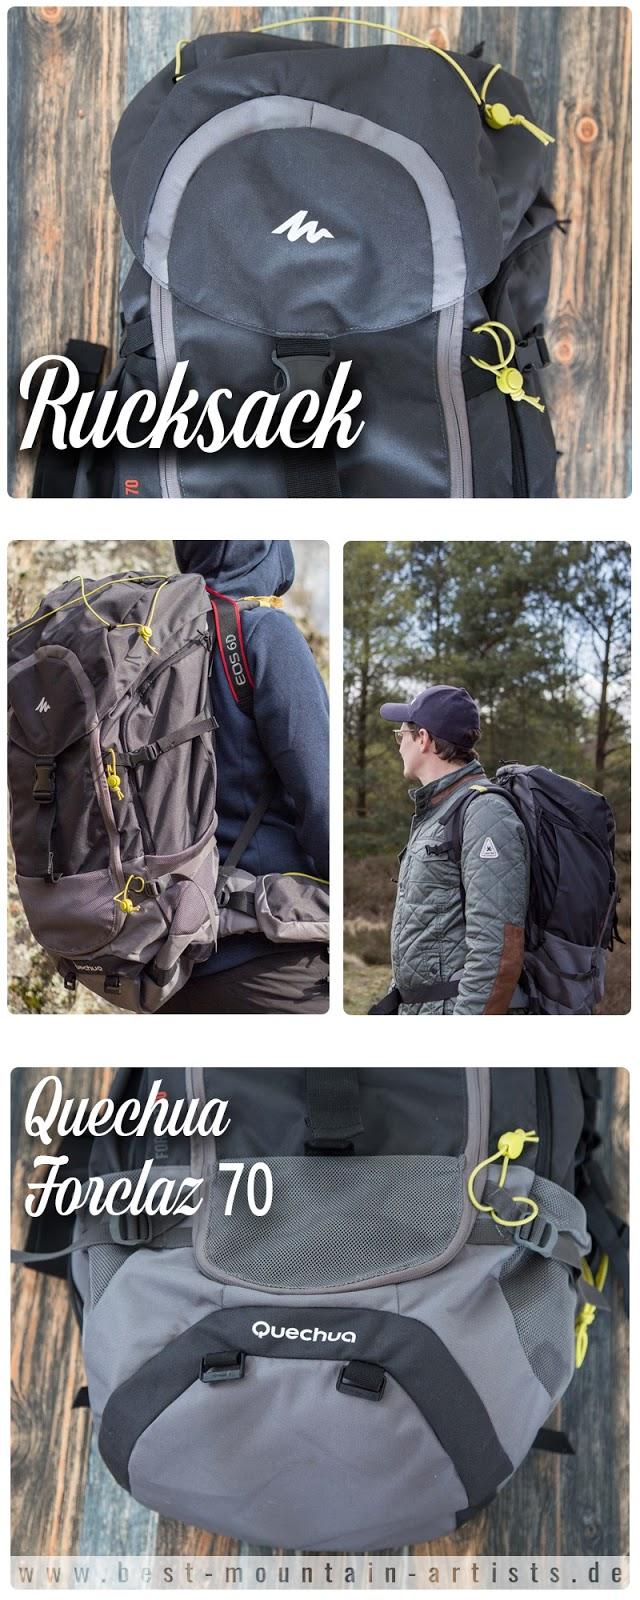 Rucksack Forclaz 70 Quechua